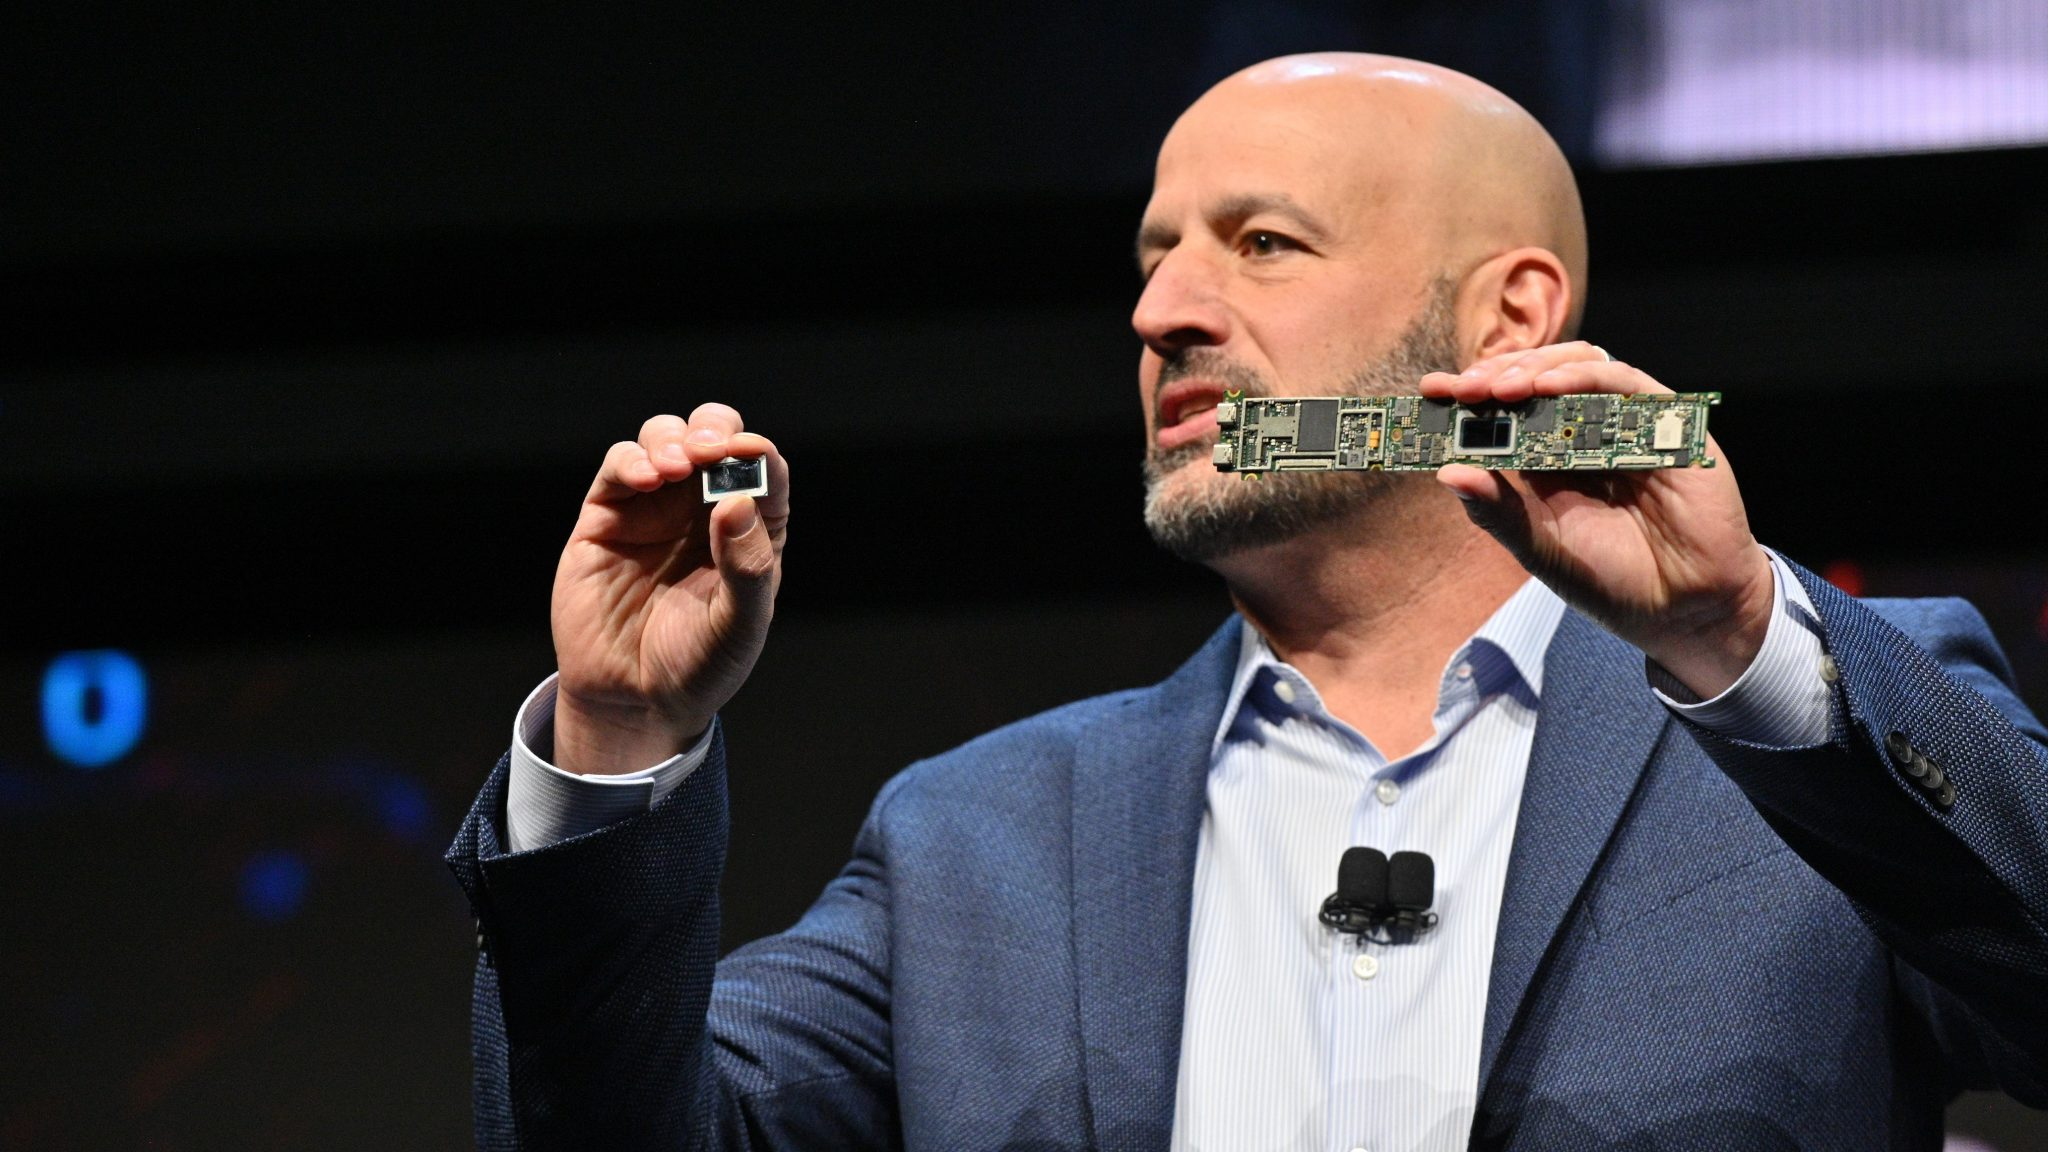 Intel bringt neue Chips, autonomes Fahren und künstliche Intelligenz auf die CES 2020